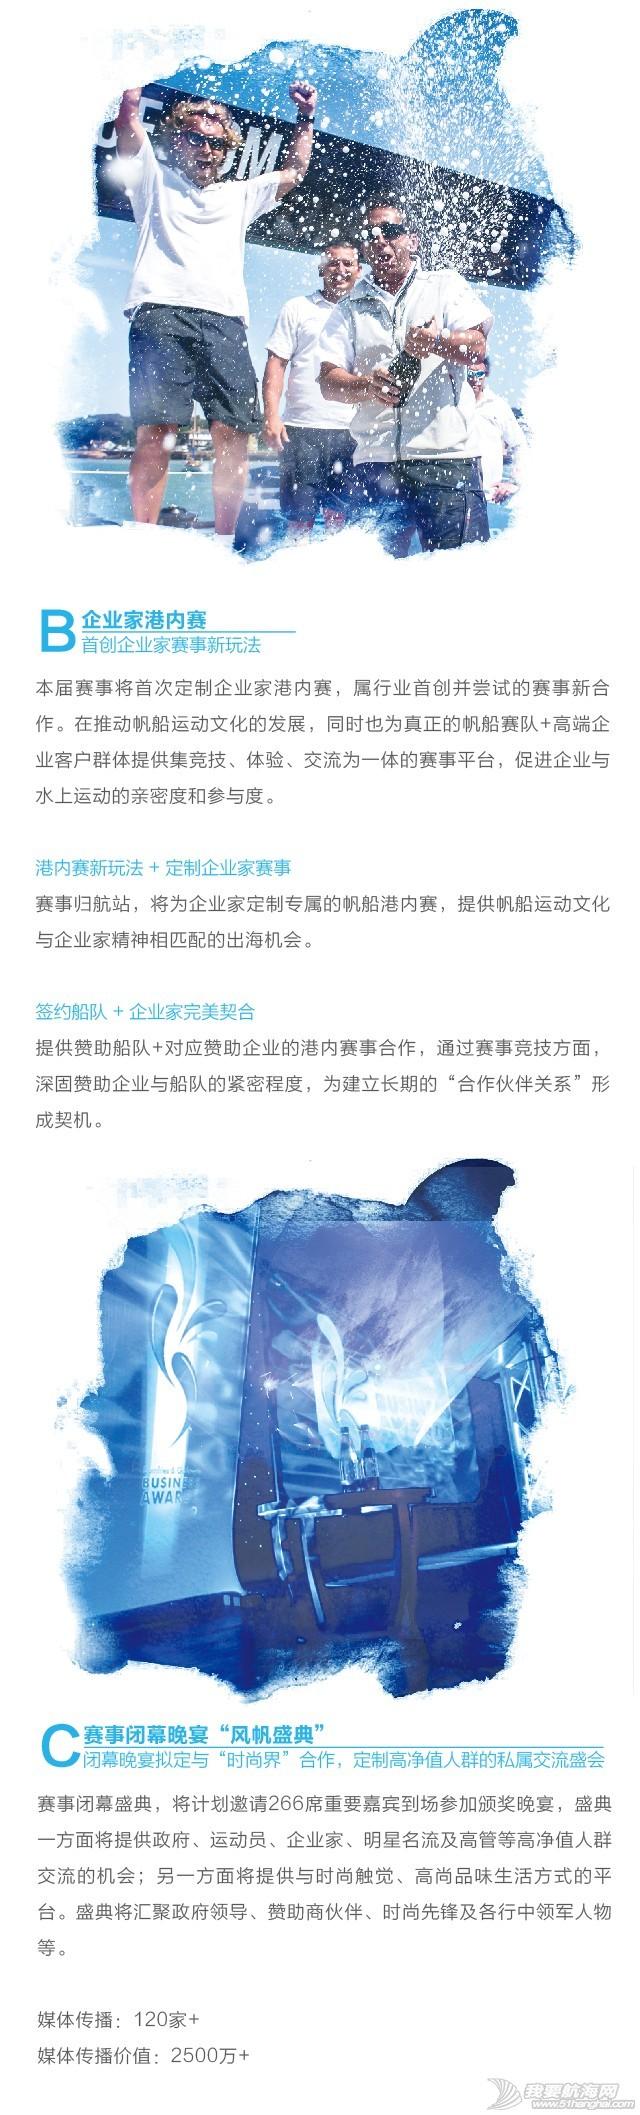 拉力赛,中国,渤海,帆船 2016中国环渤海帆船拉力赛 112038y06n9z23xt79x066.jpg